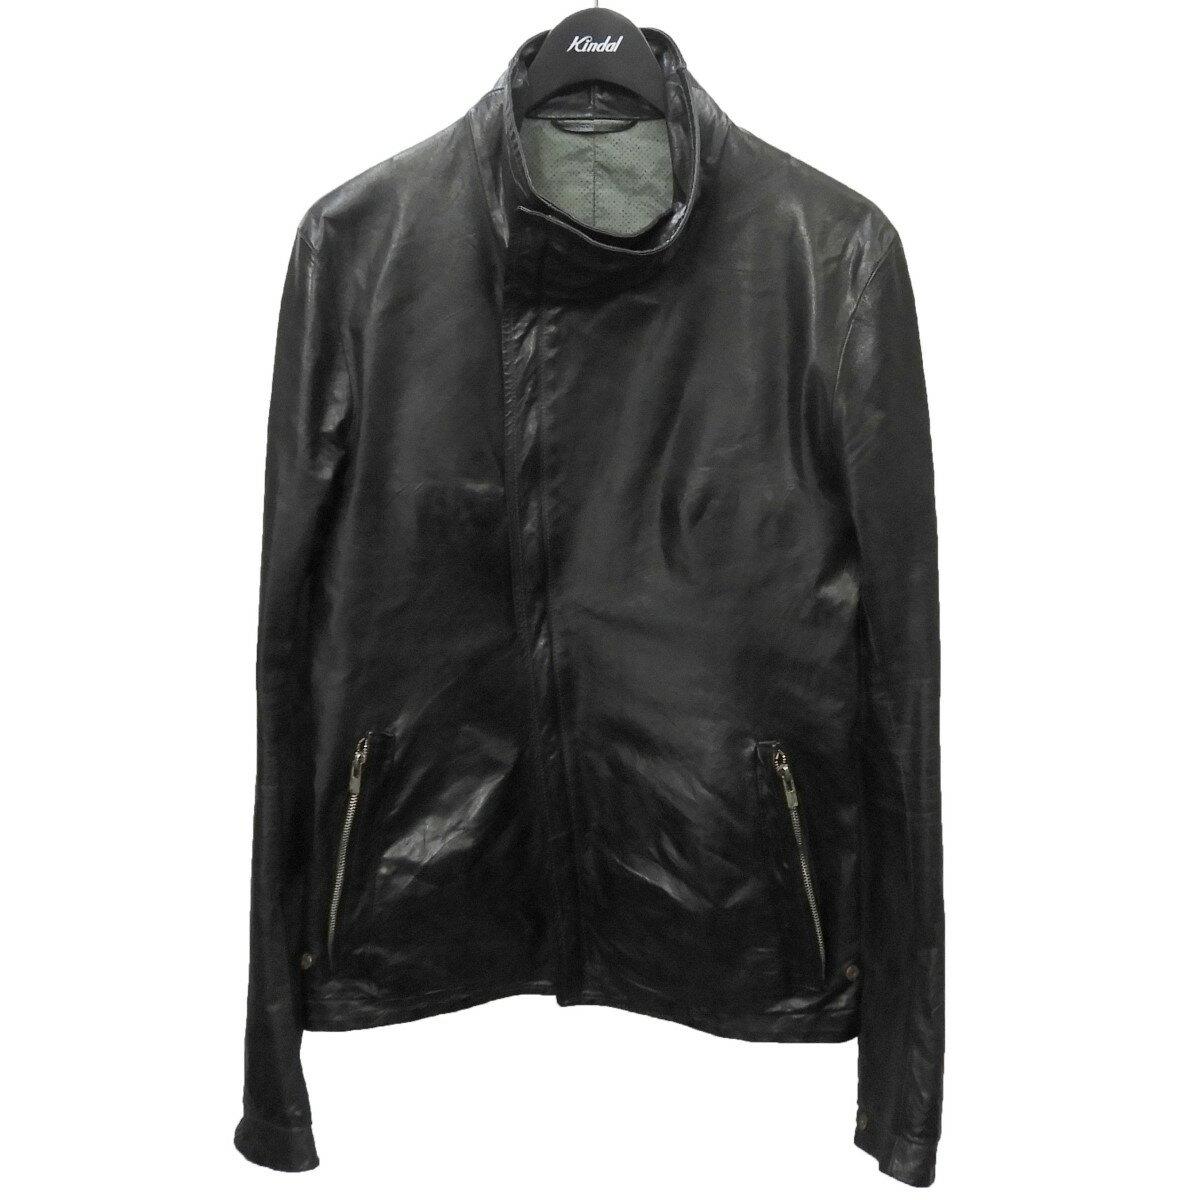 メンズファッション, コート・ジャケット CAROL CHRISTIAN POELL HIGH NECK LEATHER JACKET 46 240121